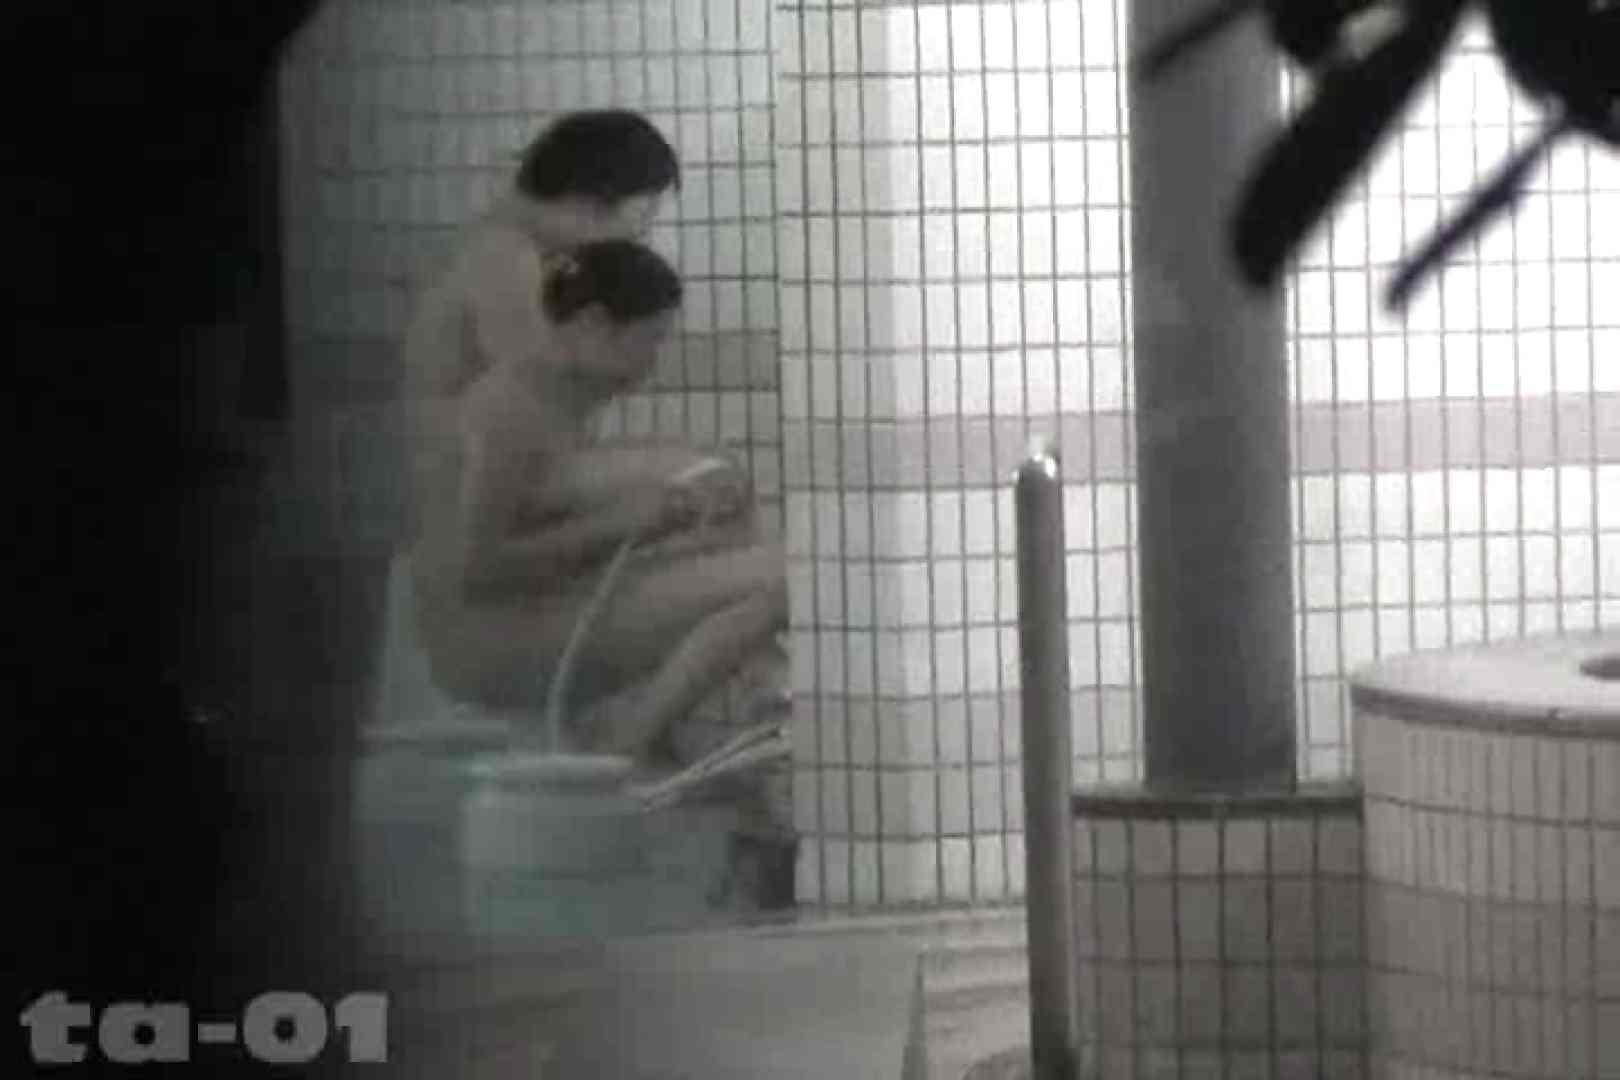 合宿ホテル女風呂盗撮高画質版 Vol.01 エッチすぎるOL達 おまんこ無修正動画無料 53連発 14